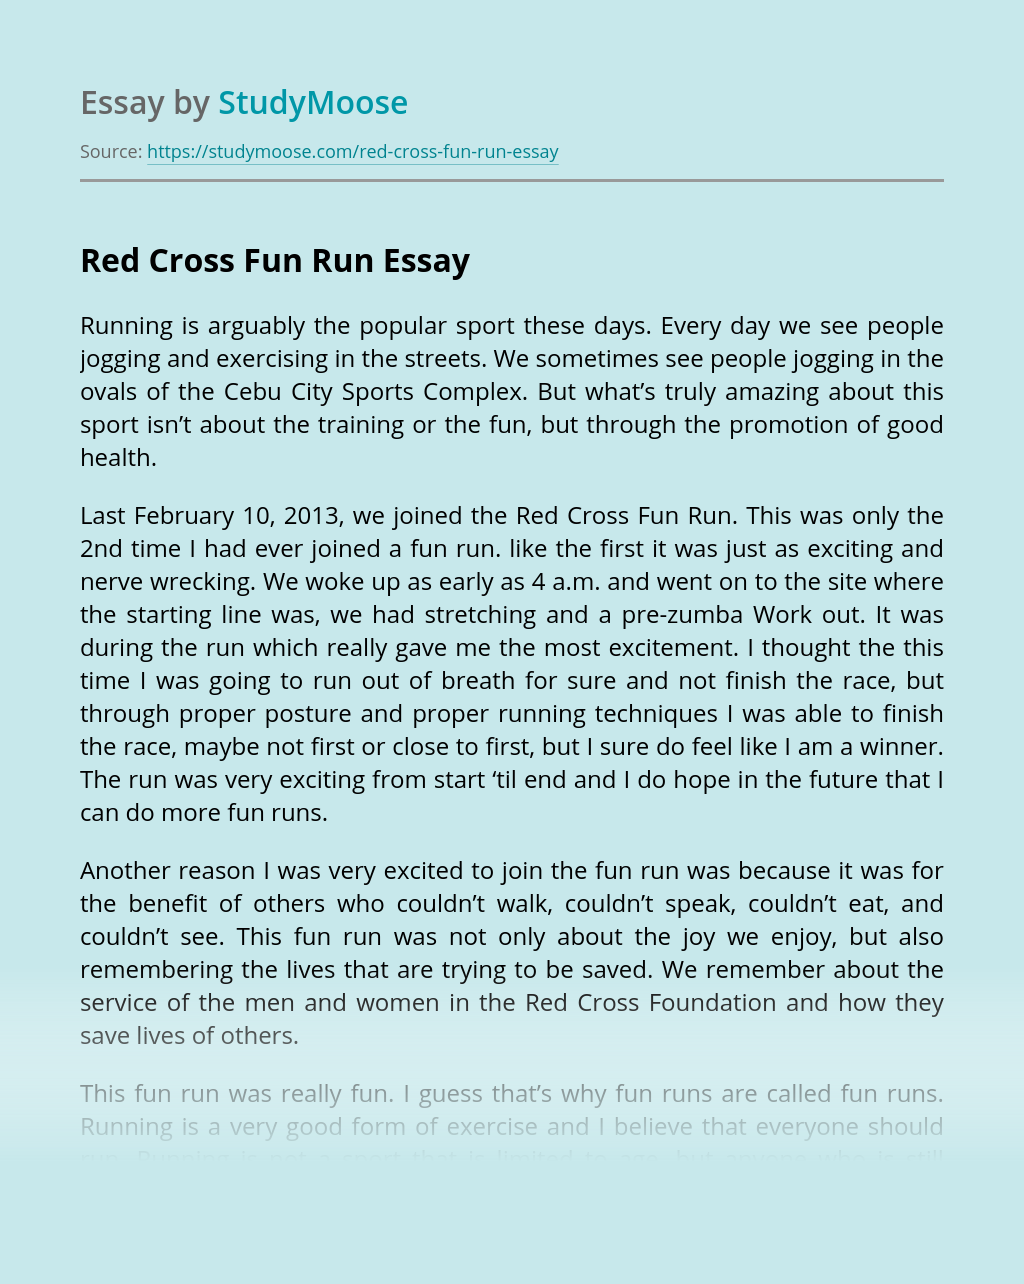 Red Cross Fun Run